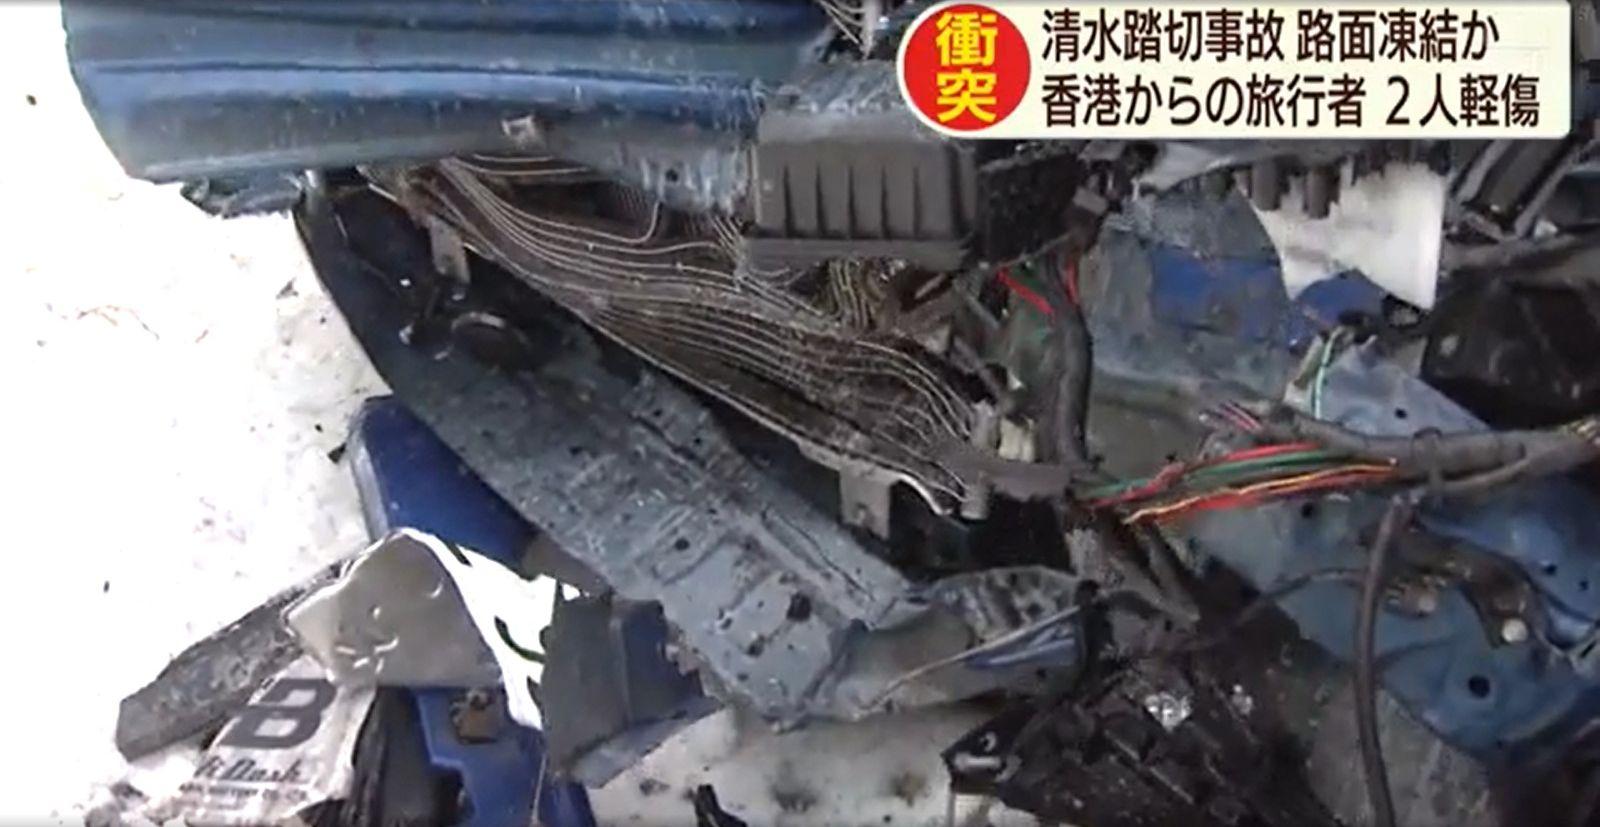 自驾游北海道意外撞列车 两港人轻伤送院